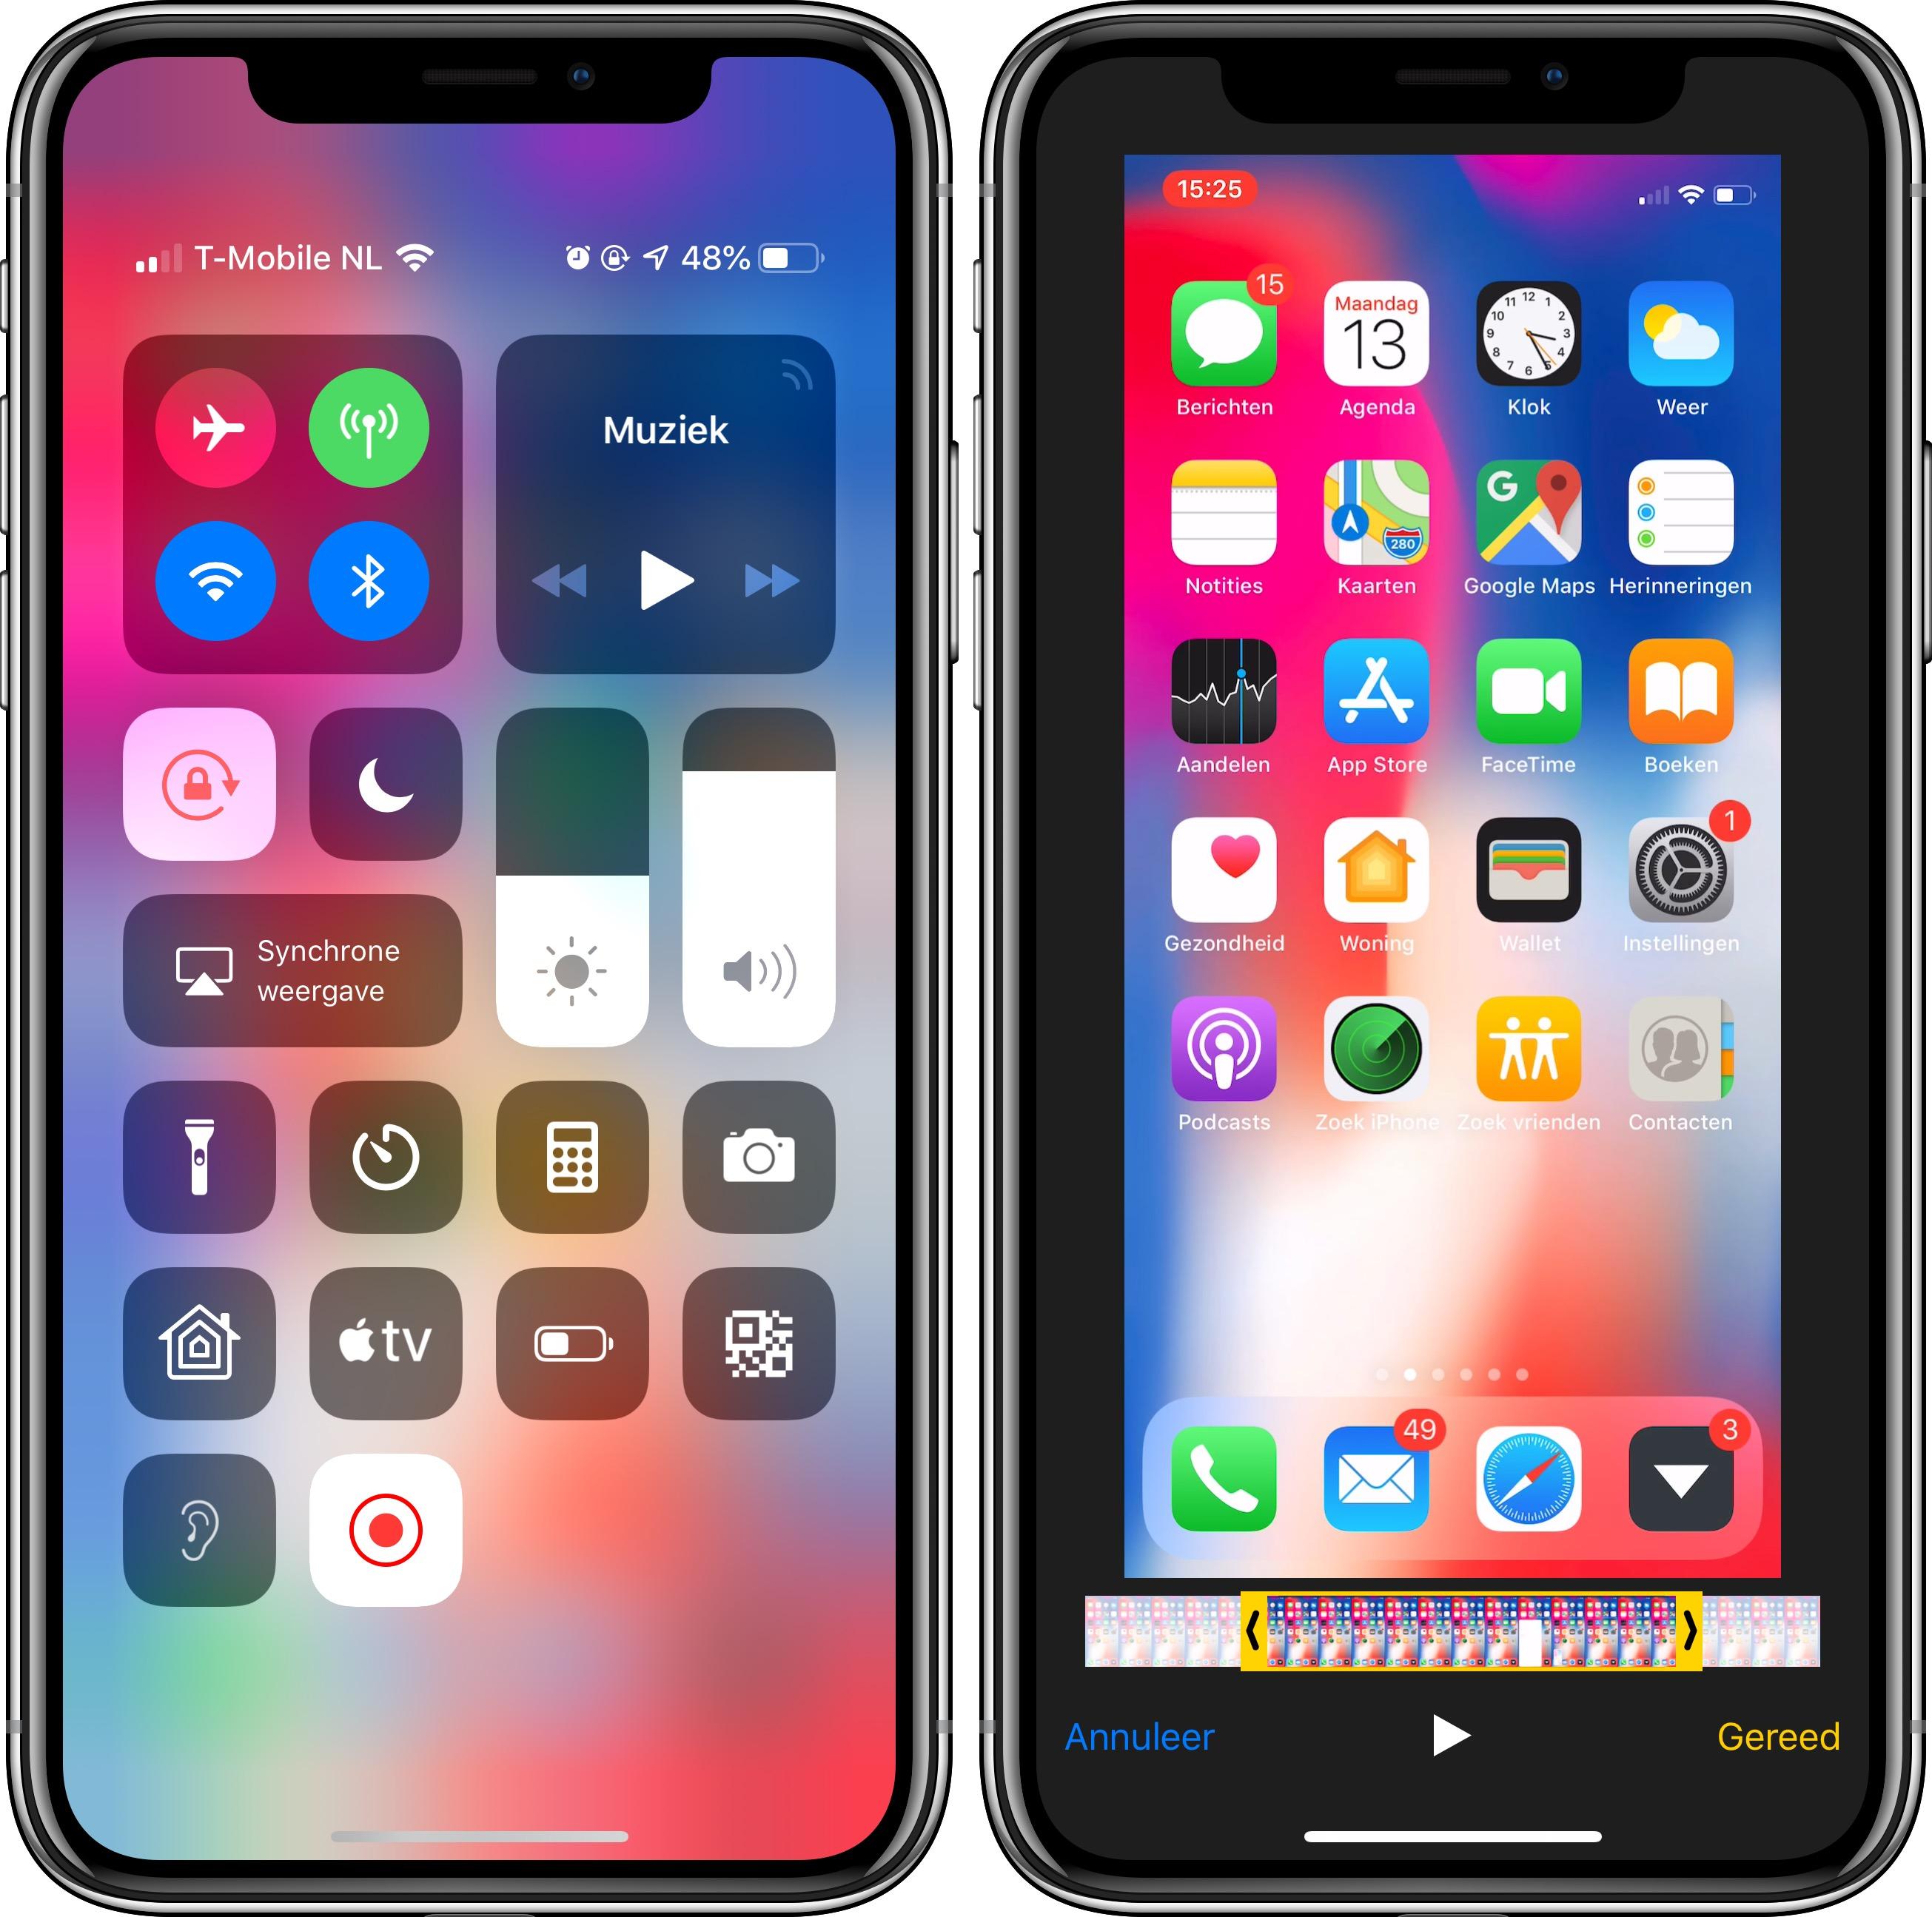 iPhone schermopname bewerken